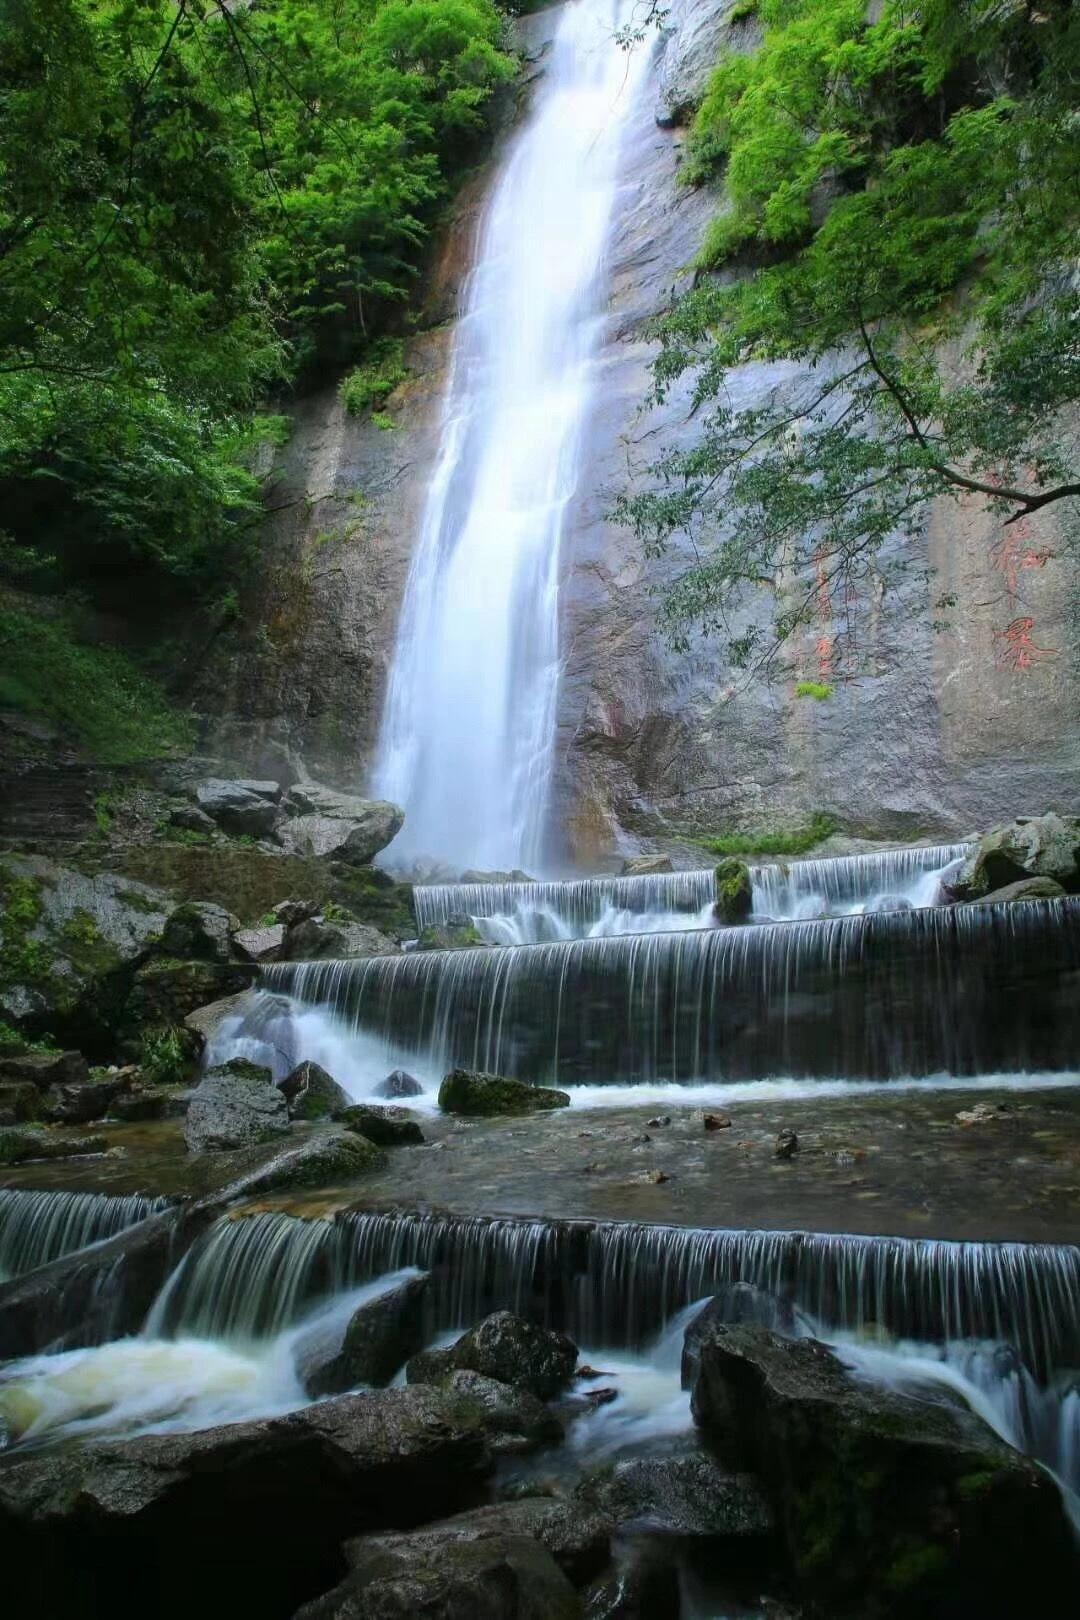 红河谷景区内瀑布风景